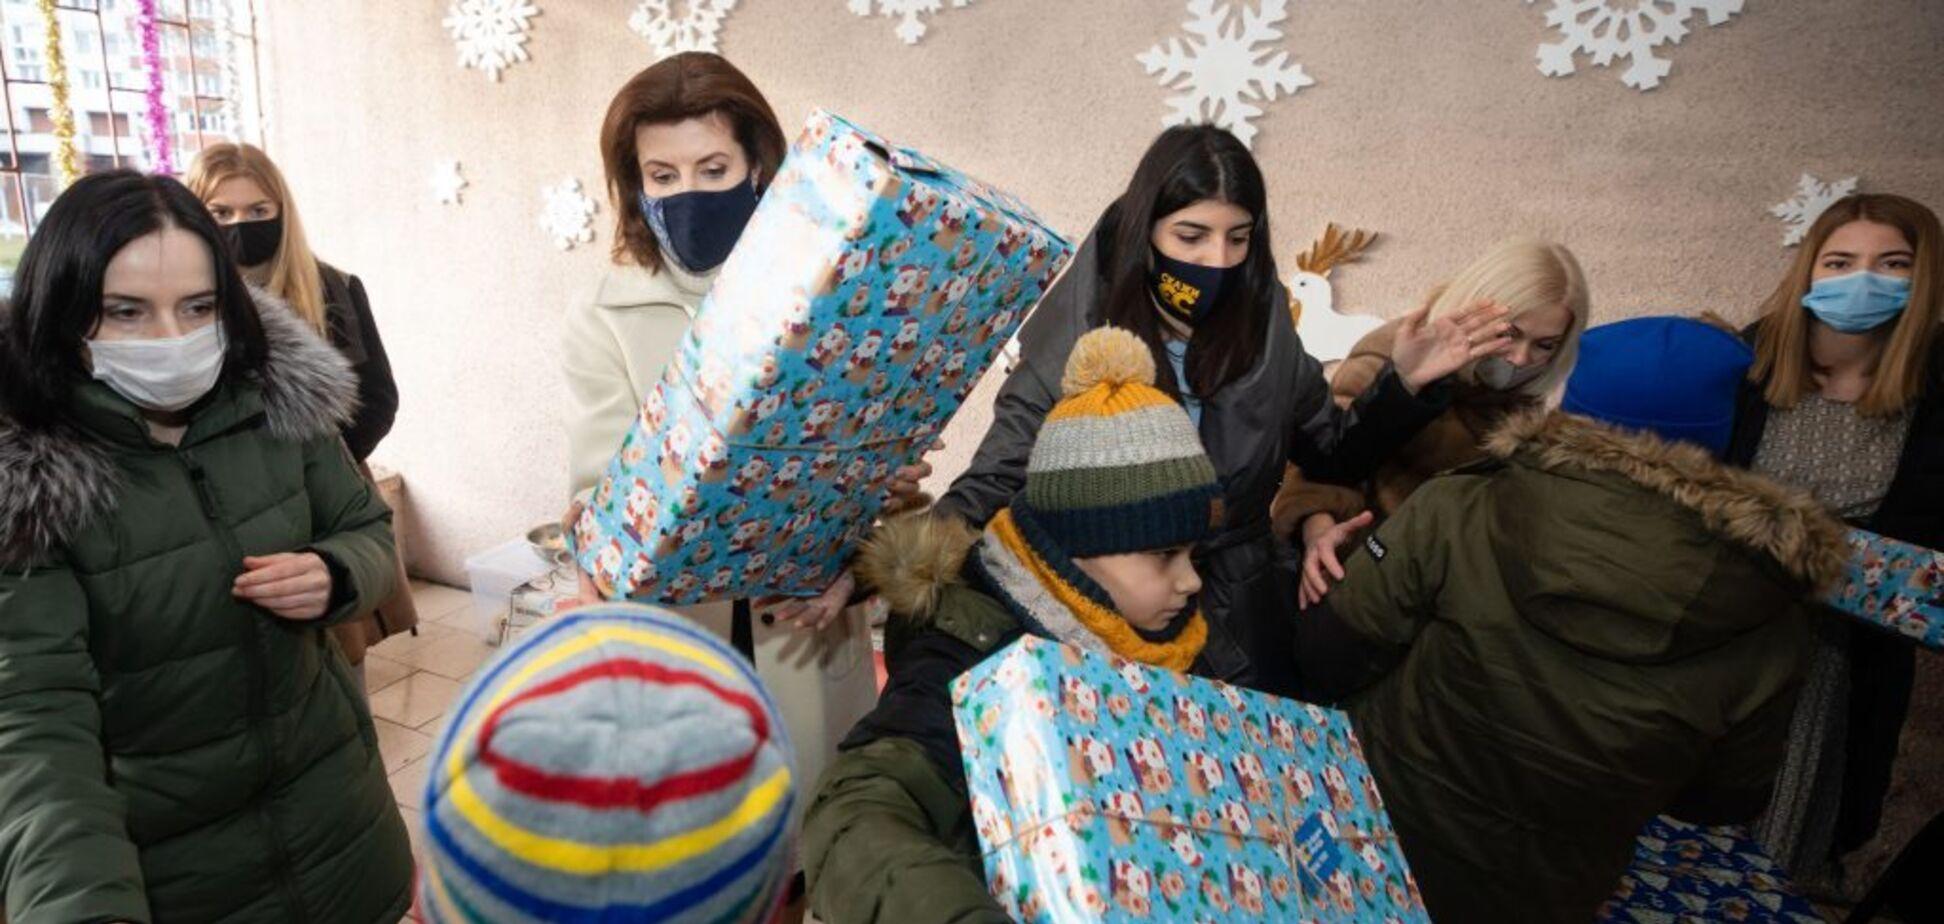 Марина Порошенко поздравила детей с инвалидностью рождественскими 'свято-боксами'. Фоторепортаж